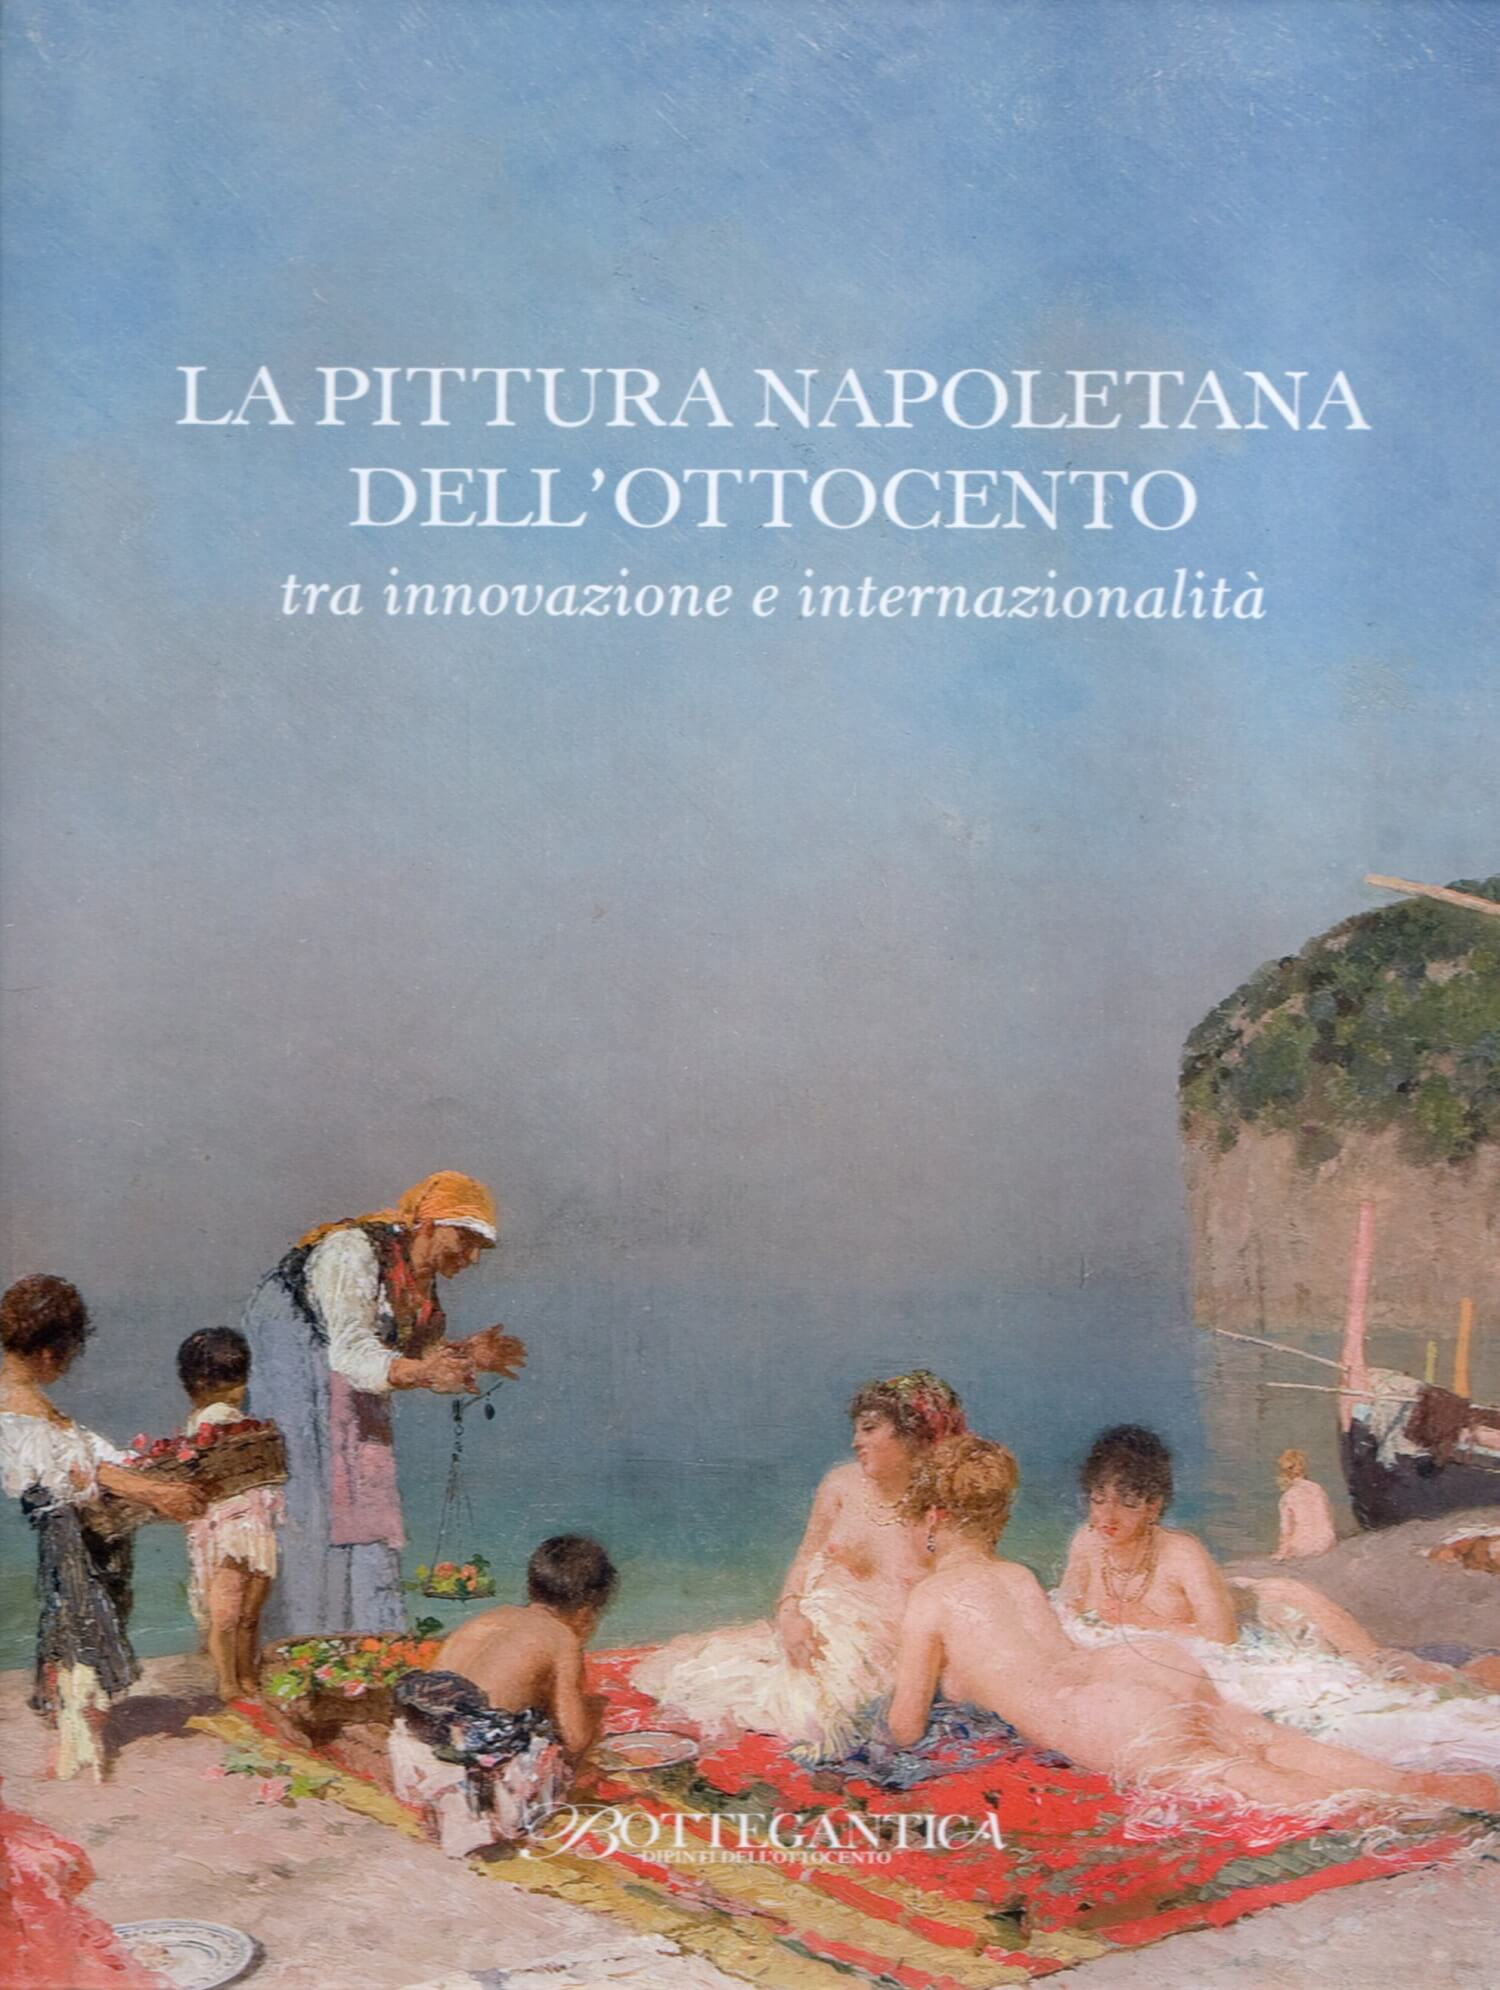 La pittura napoletana dell'800, Tra innovazione e internazionalità